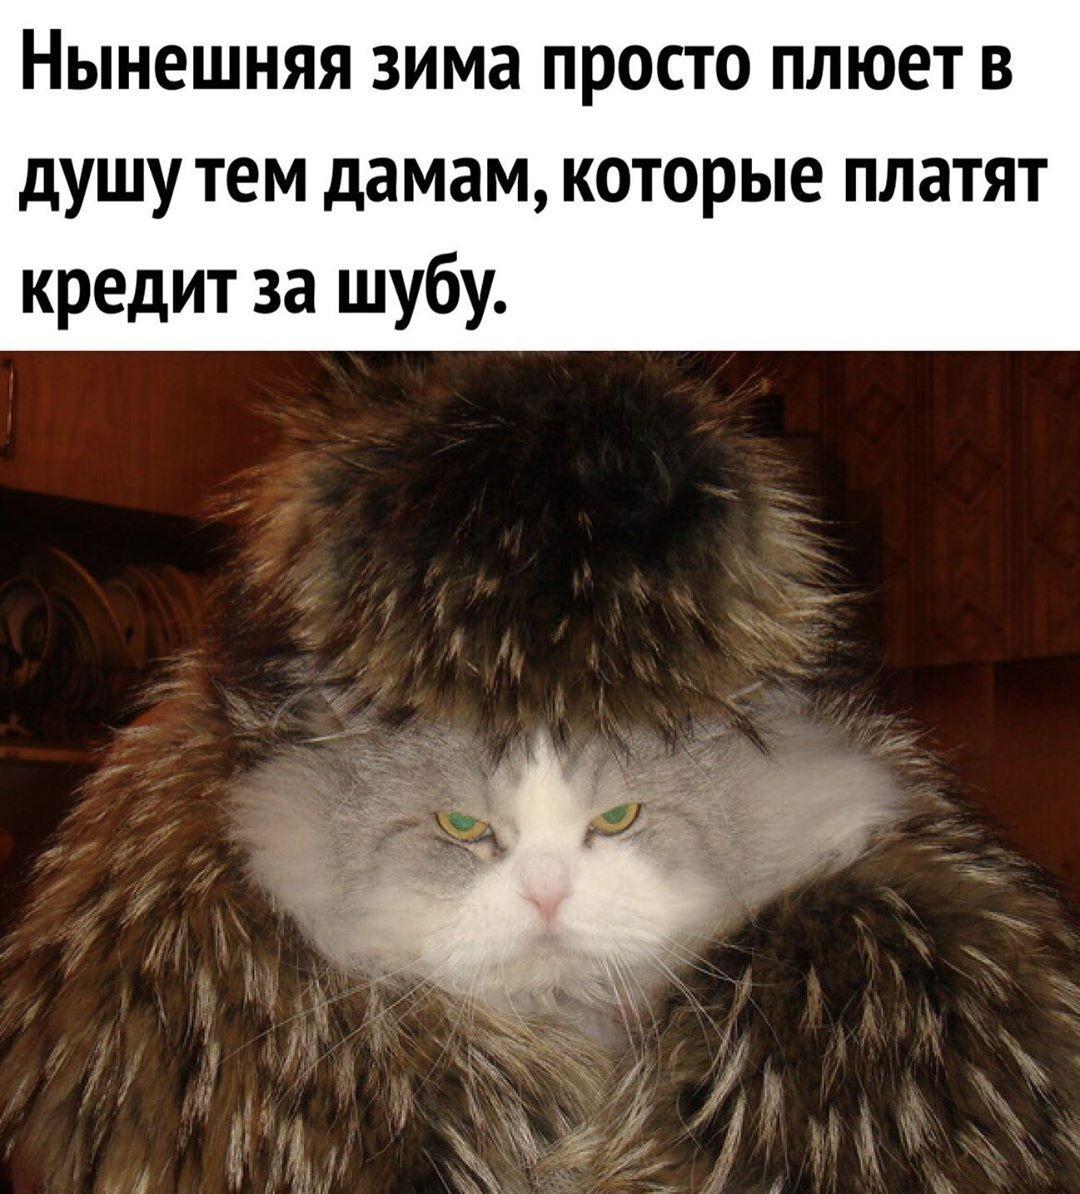 кредит за откат иркутск